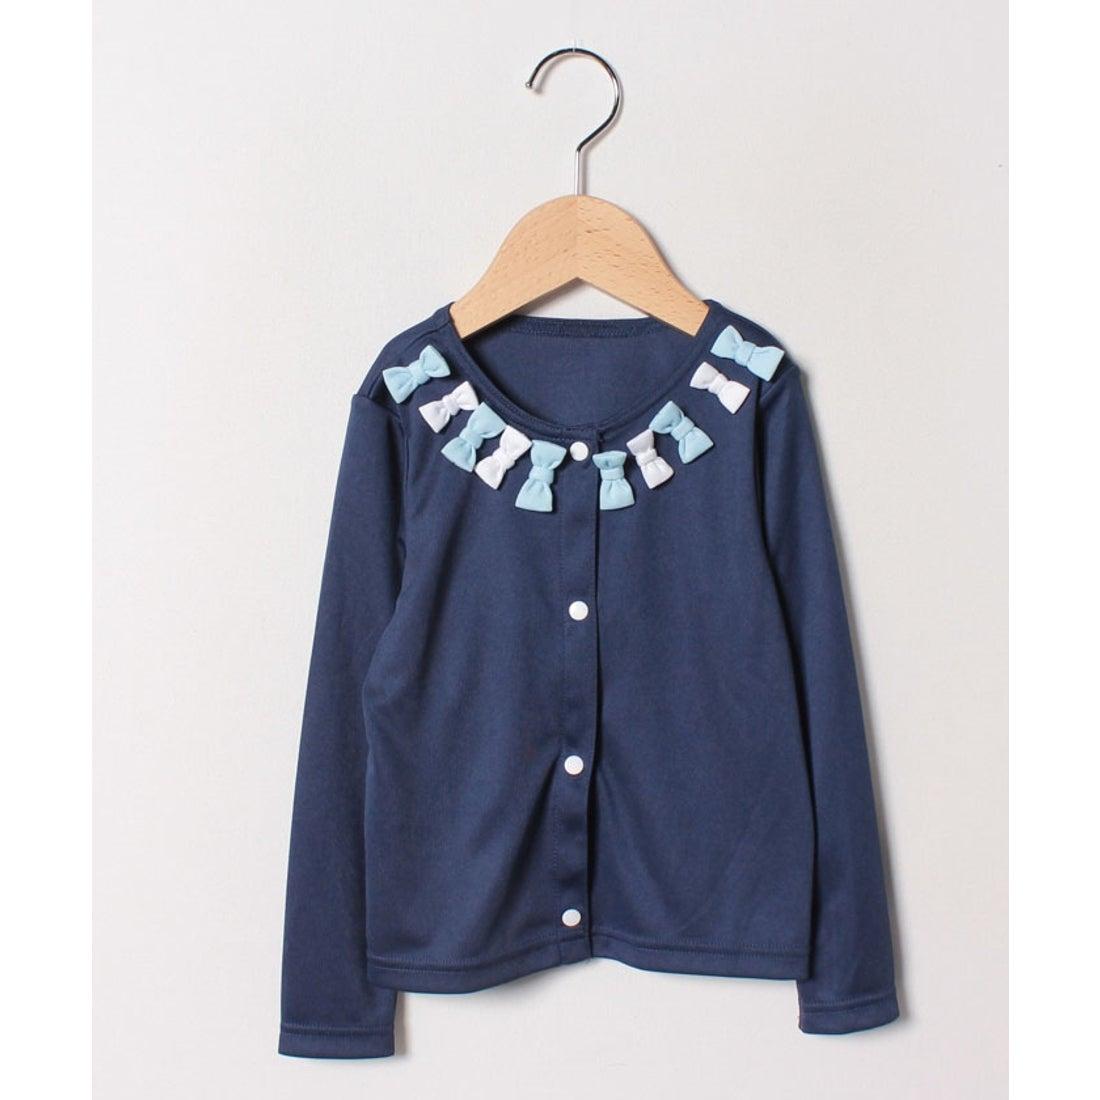 ロコンド 靴とファッションの通販サイトVacaSta Swimwear(Kids) REYES REYESボタン付胸元リボンUVウェア(ネイビー)